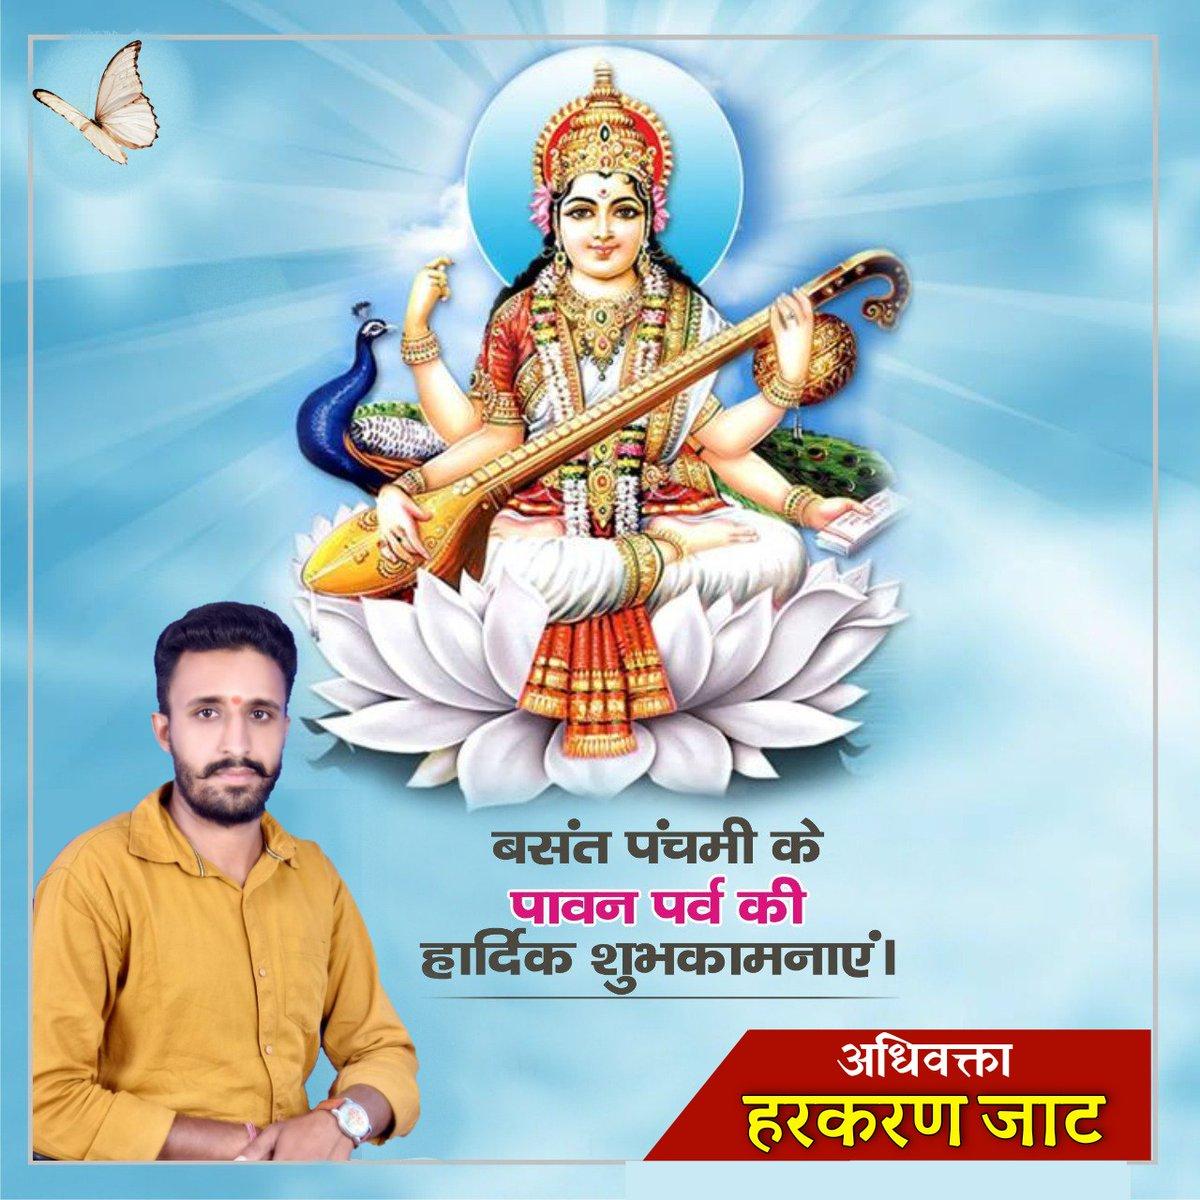 माँ सरस्वती के पावन पर्व बंसत पंचमी की बहुत बहुत बधाई व शुभकामनाएं #BasantPanchami #SaraswatiPuja @AbhayCh81110547  @abvpchittor  @Advocat76431182  @AdvMandrawaliya